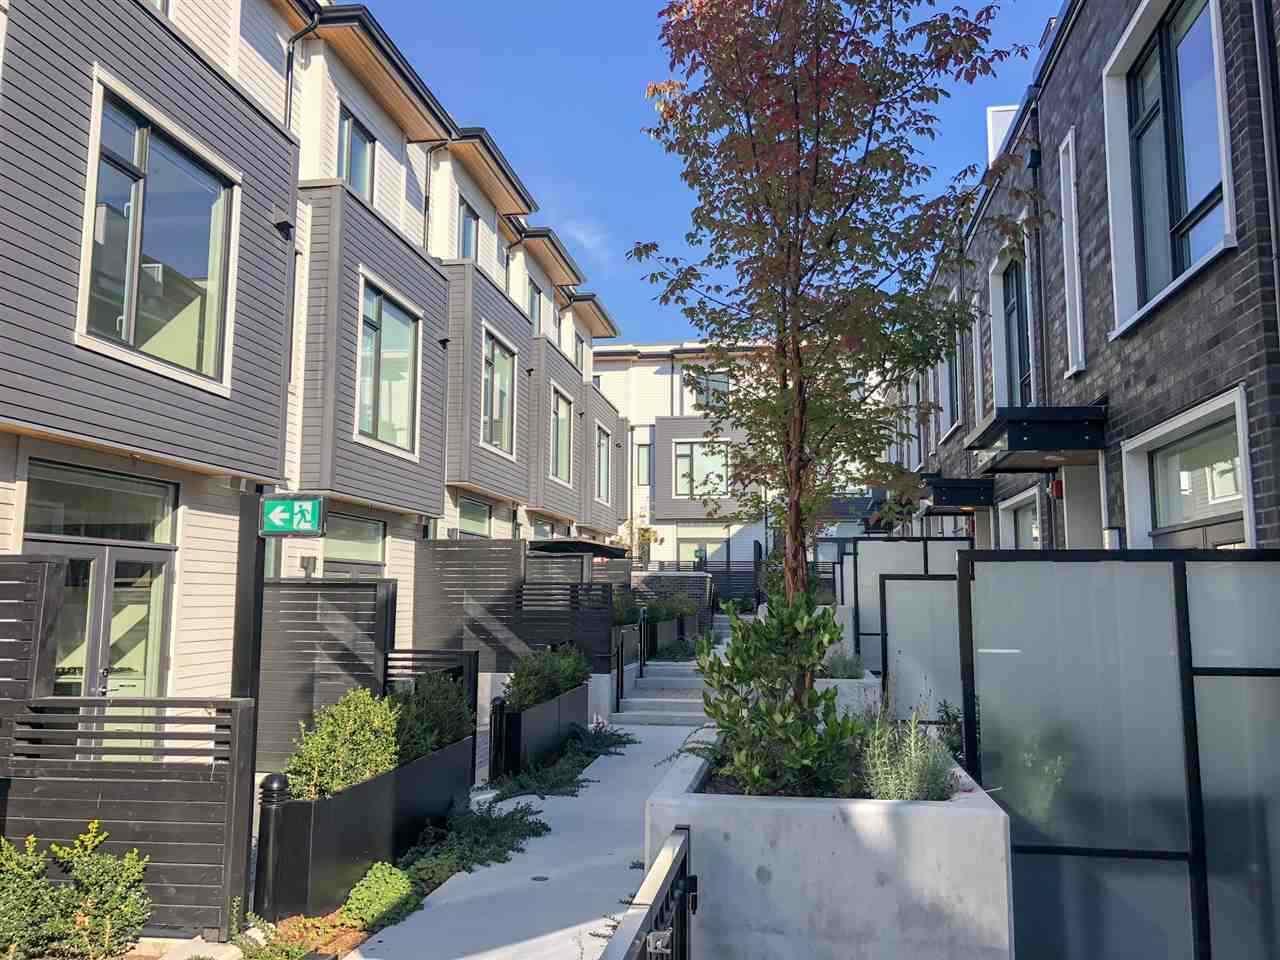 7460 GRANVILLE STREET - MLS® # R2426253